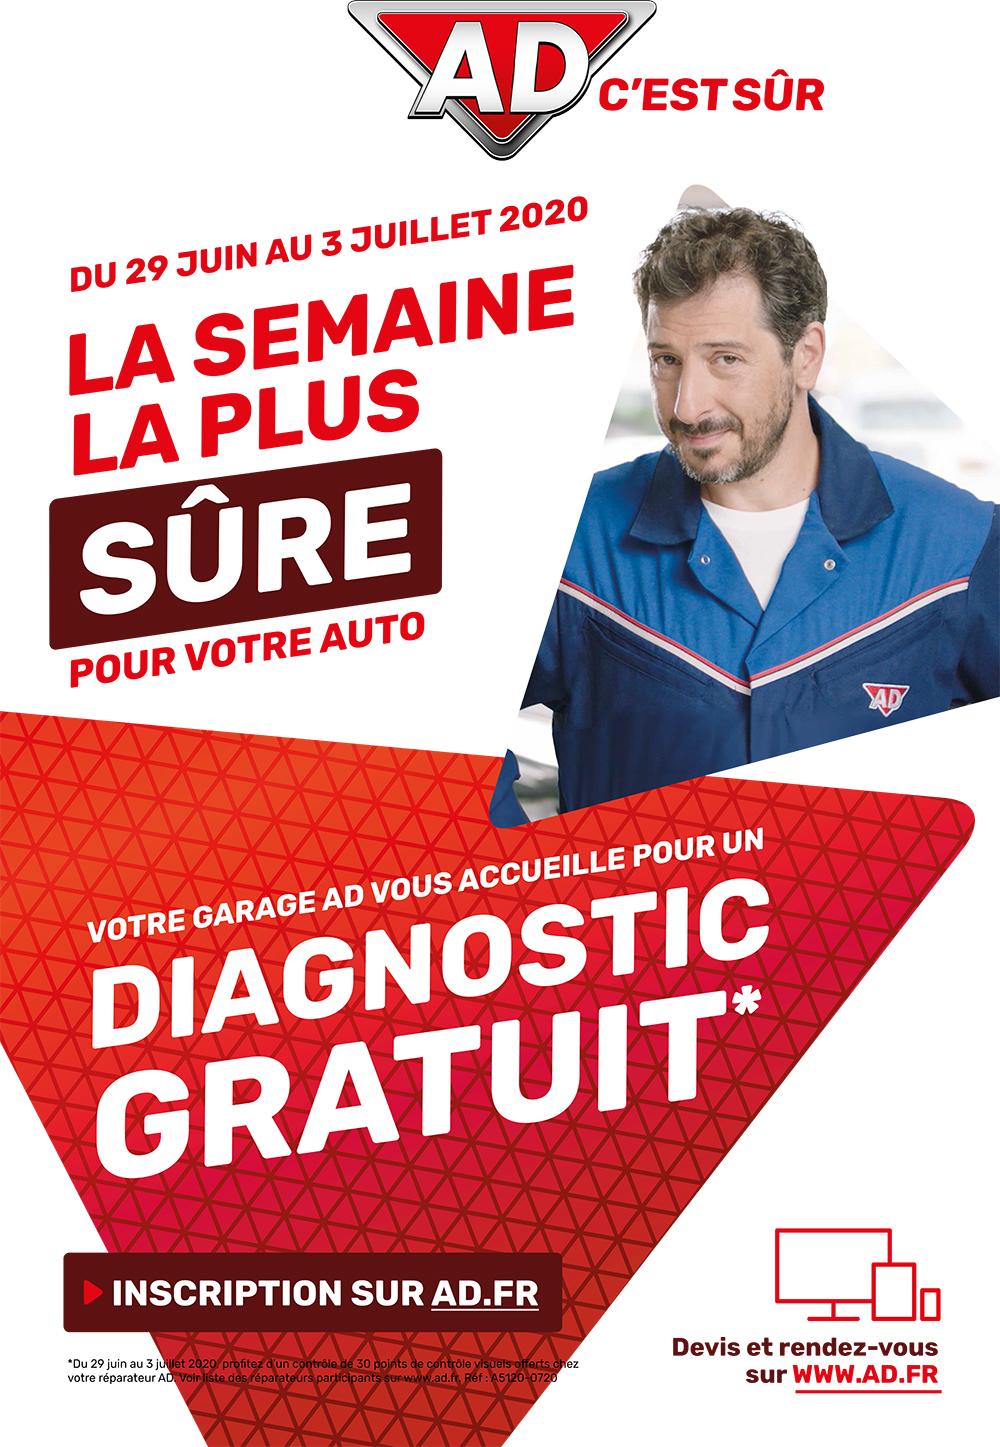 La semaine la plus sûre pour votre auto du 29 juin au 3 juillet 2020 avec AD Garage David qui vous accueille pour un diagnostic gratuit*